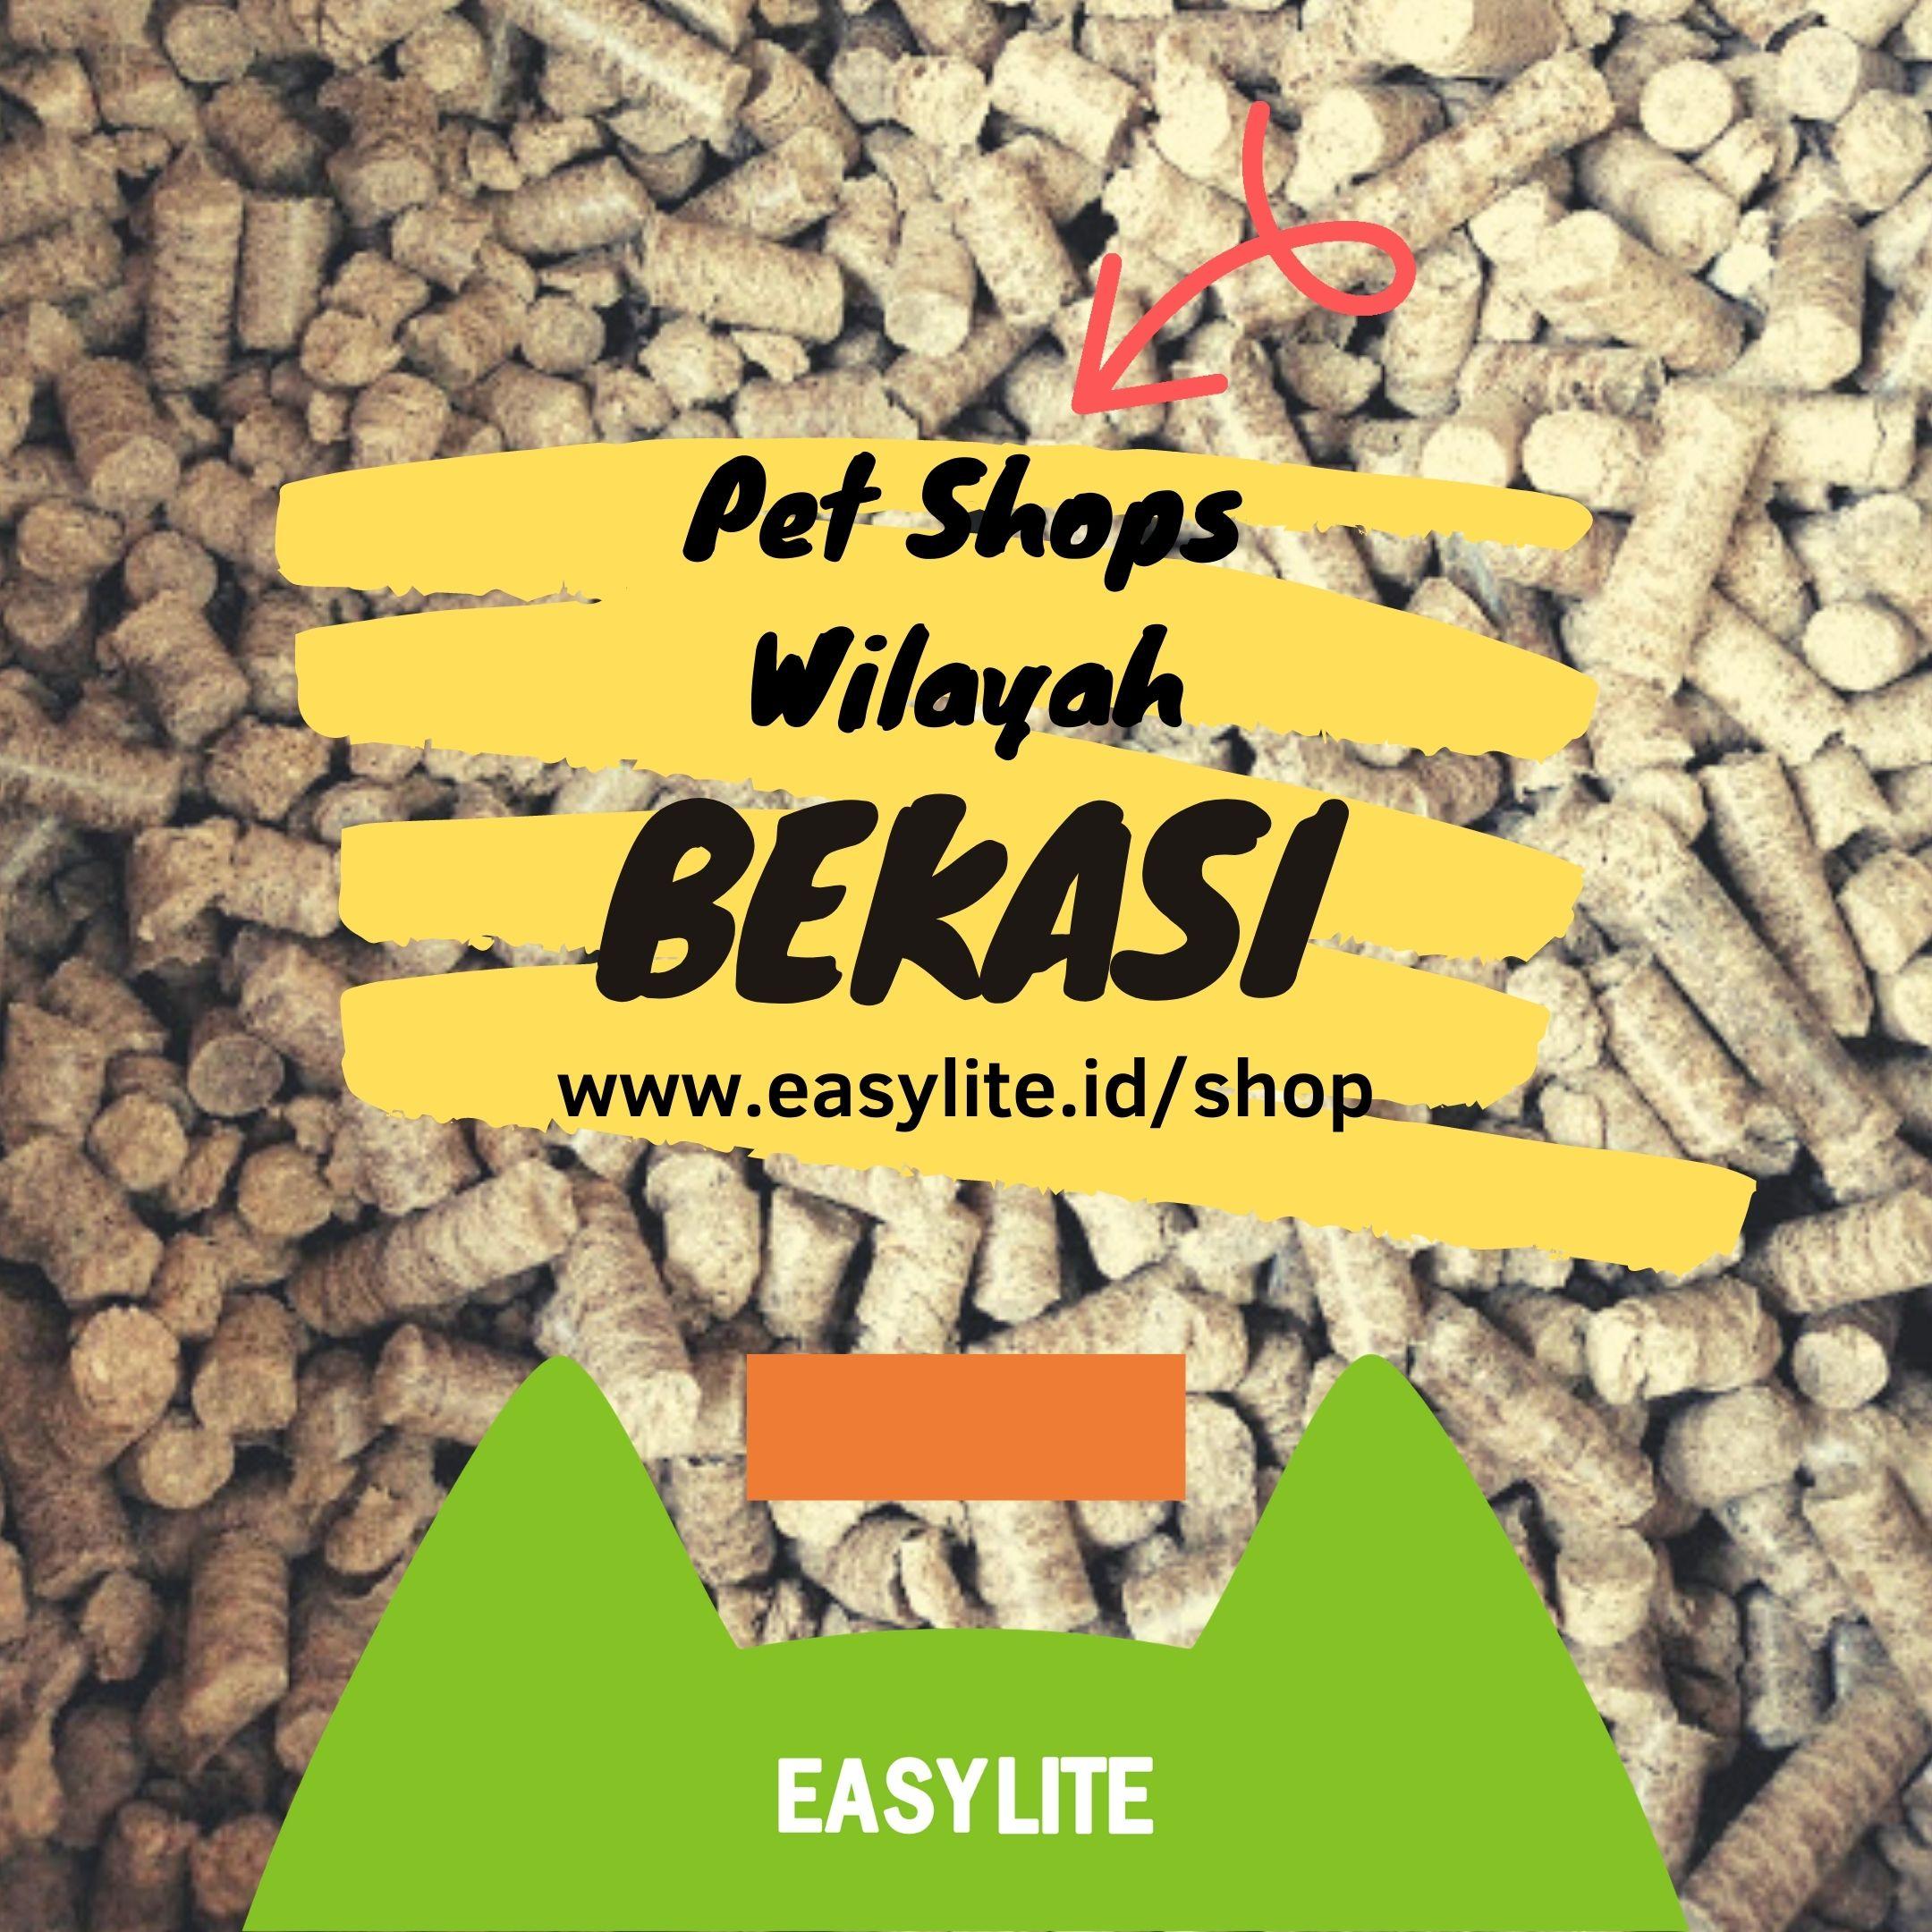 Easy Lite Tersedia di area Bekasi